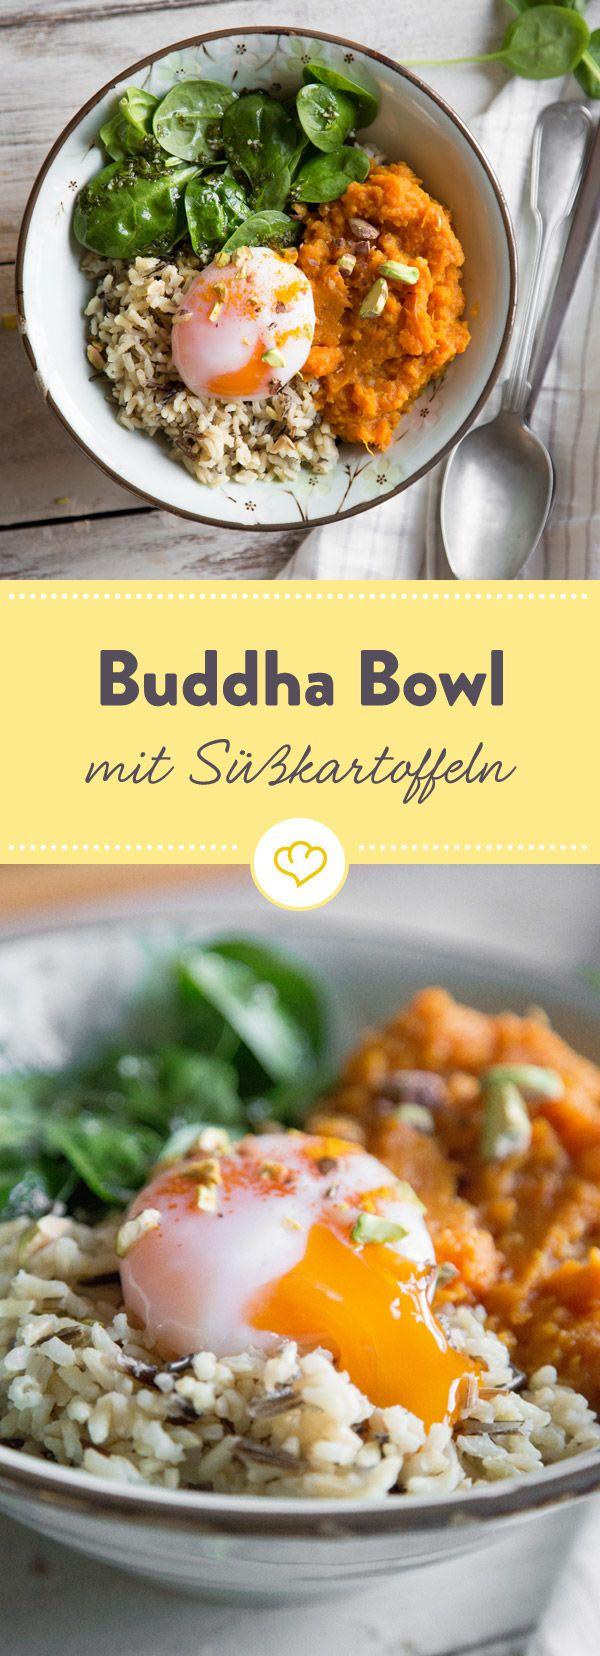 Bunte Buddha Bowl mit Kurkuma-Süßkartoffeln und pochiertem Ei Sous Vide #eggmeals